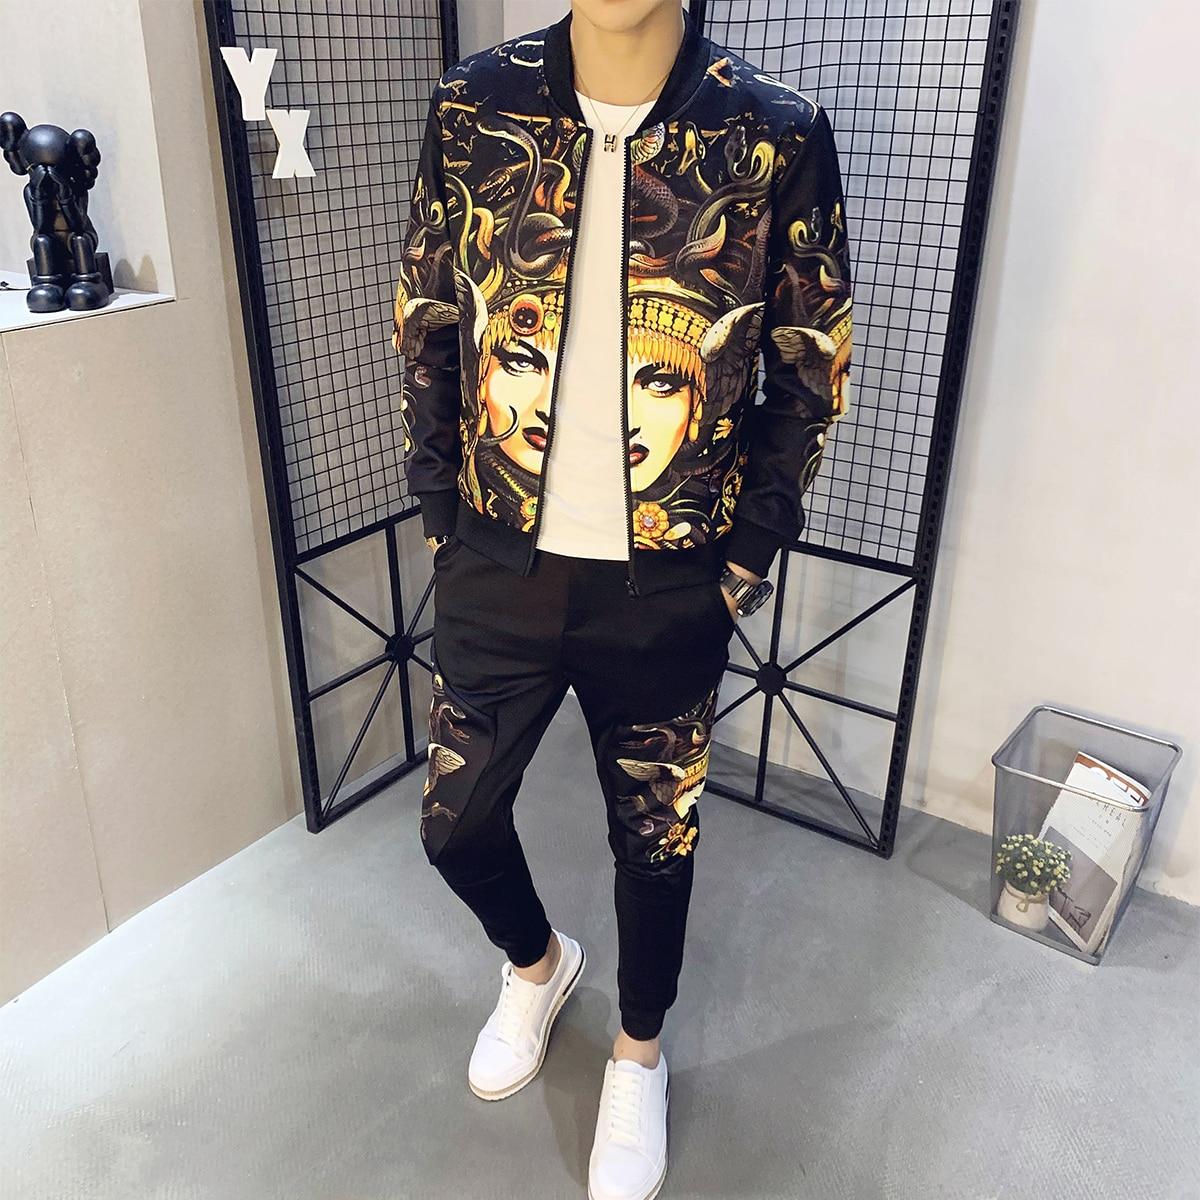 2 Piece Sets Sport Suit Jacket + Pants Chandal Hombre Tracksuit Men Moda Hombre Ropa De Hombre 2020 Men's Set Autumn Man Sport